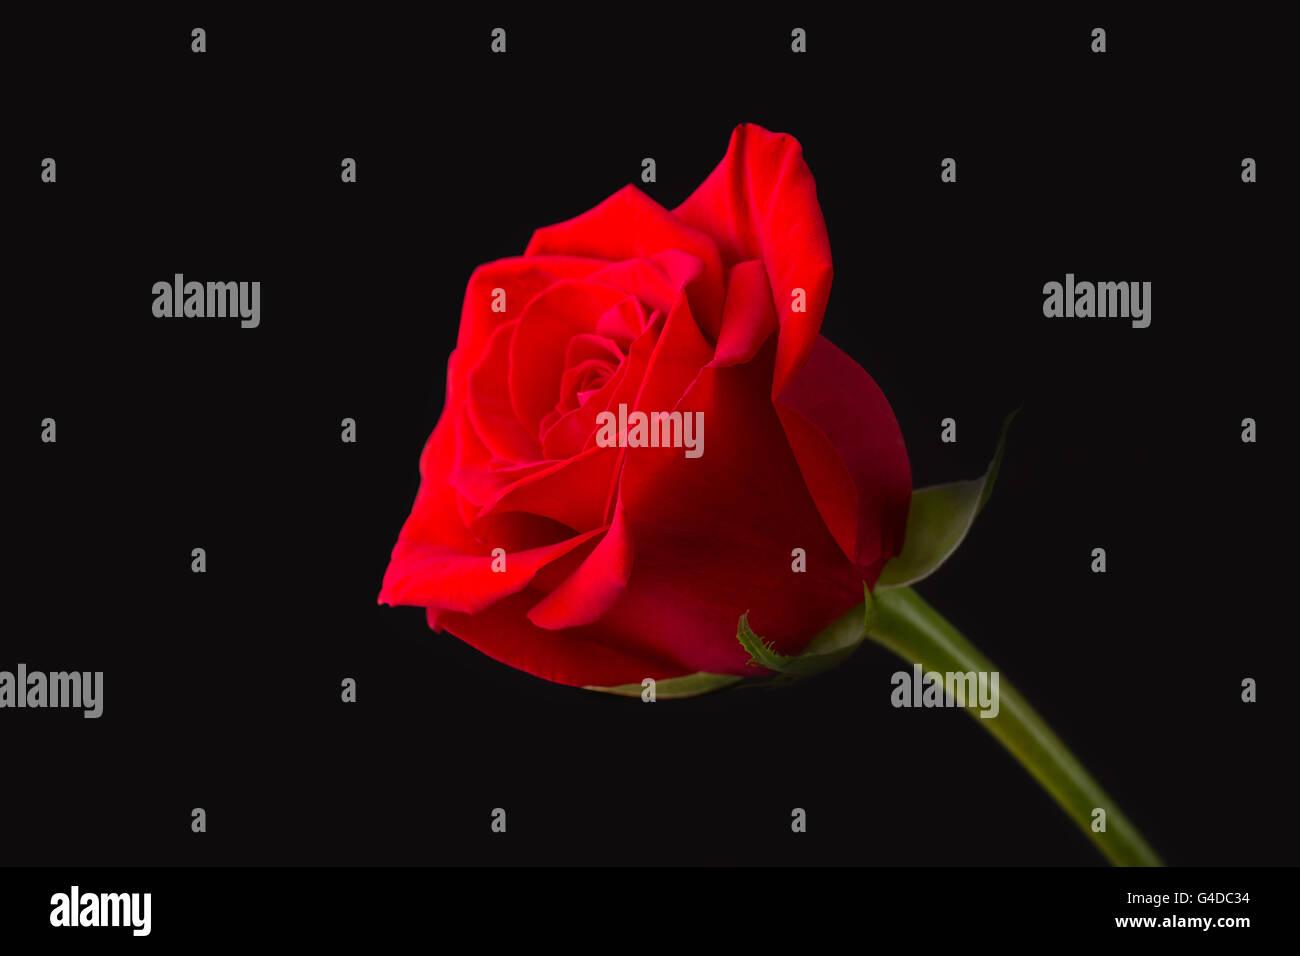 Vista Laterale Di Una Rosa Rossa Con Gambo Verde Su Sfondo Nero Foto